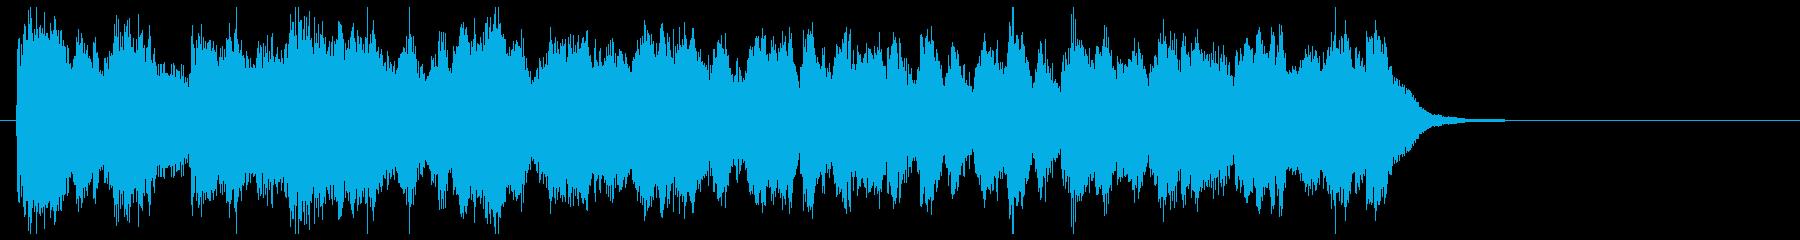 プログレの要素もあるフュージョンの再生済みの波形